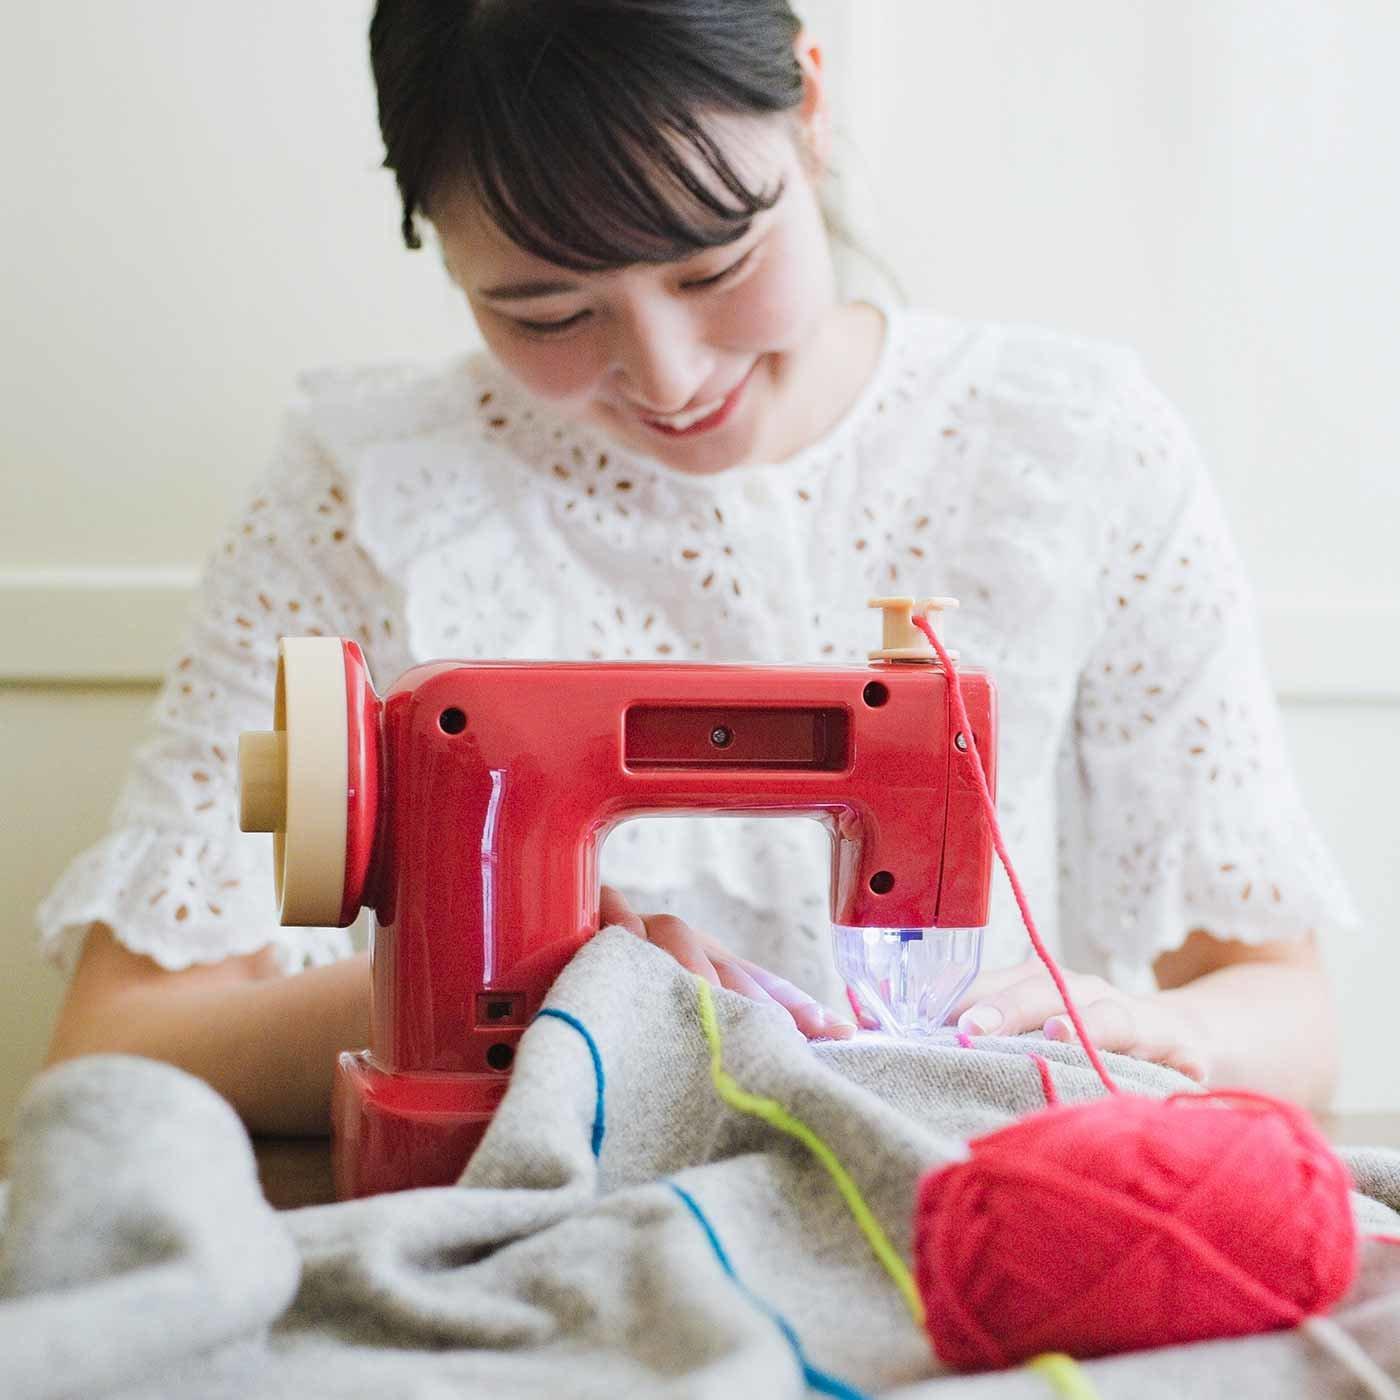 絵を描くように自由に縫えちゃう 毛糸ミシン